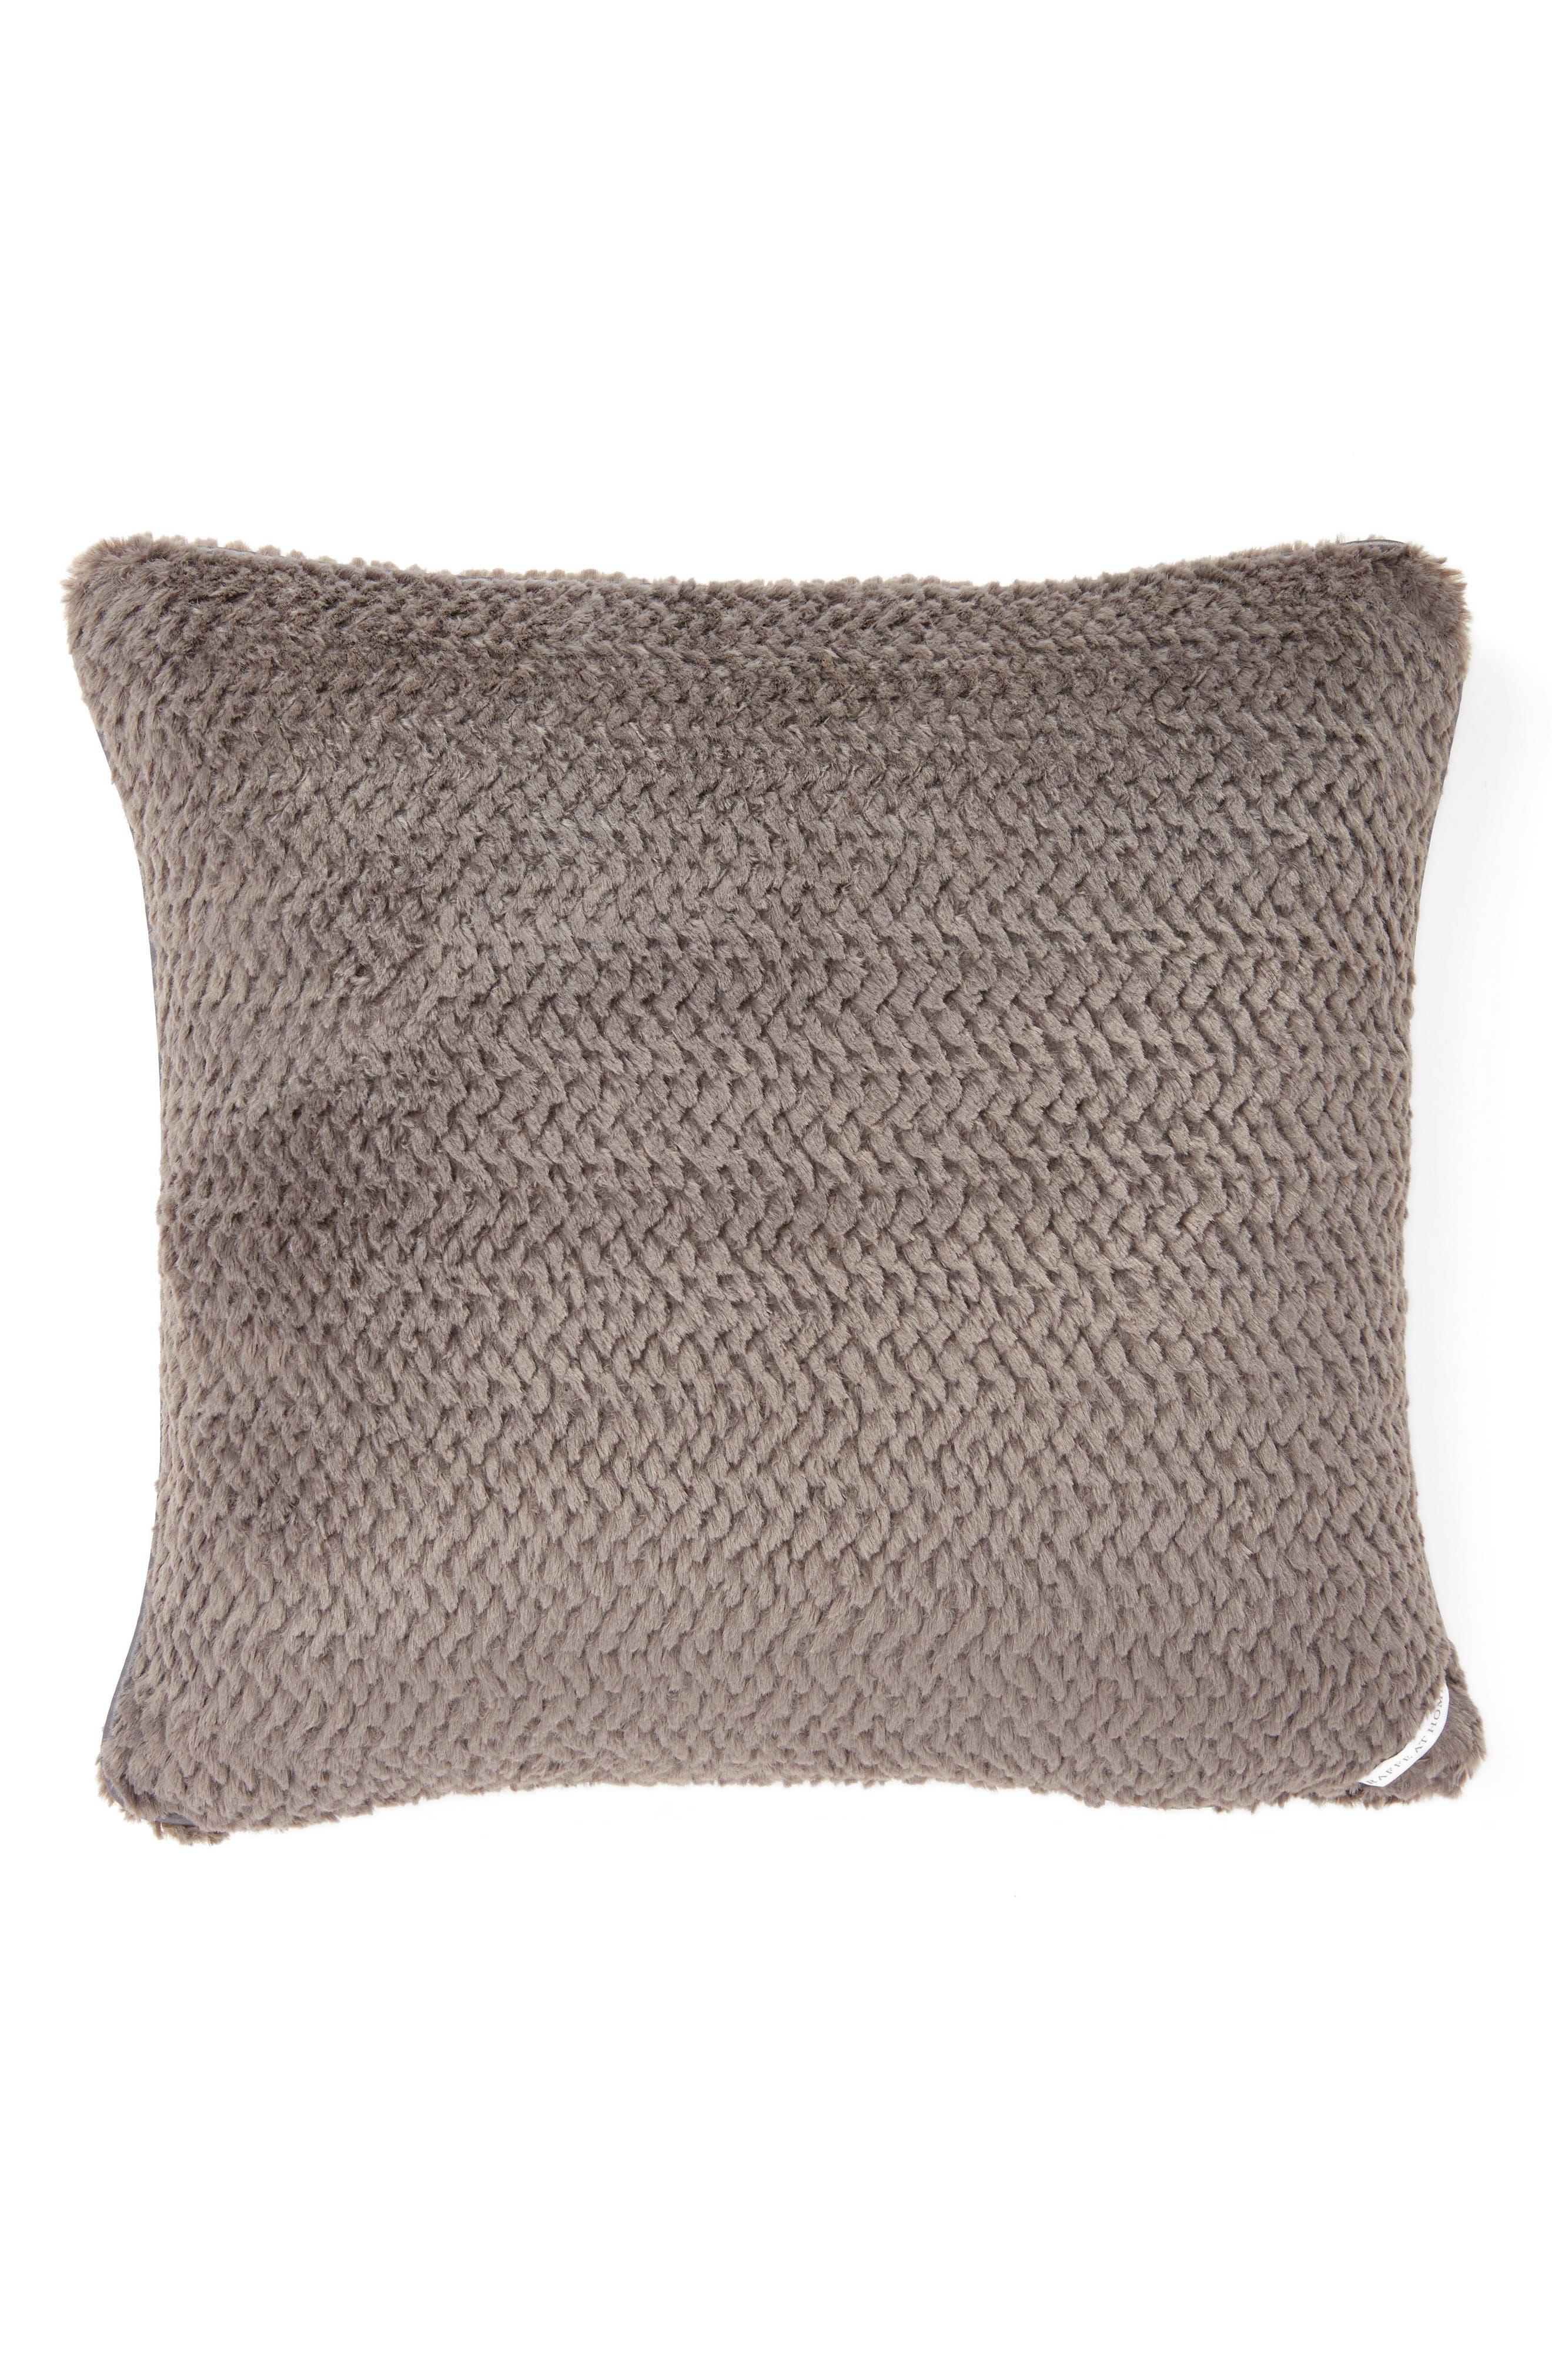 Giraffe at Home Luxe™ Twist Pillow